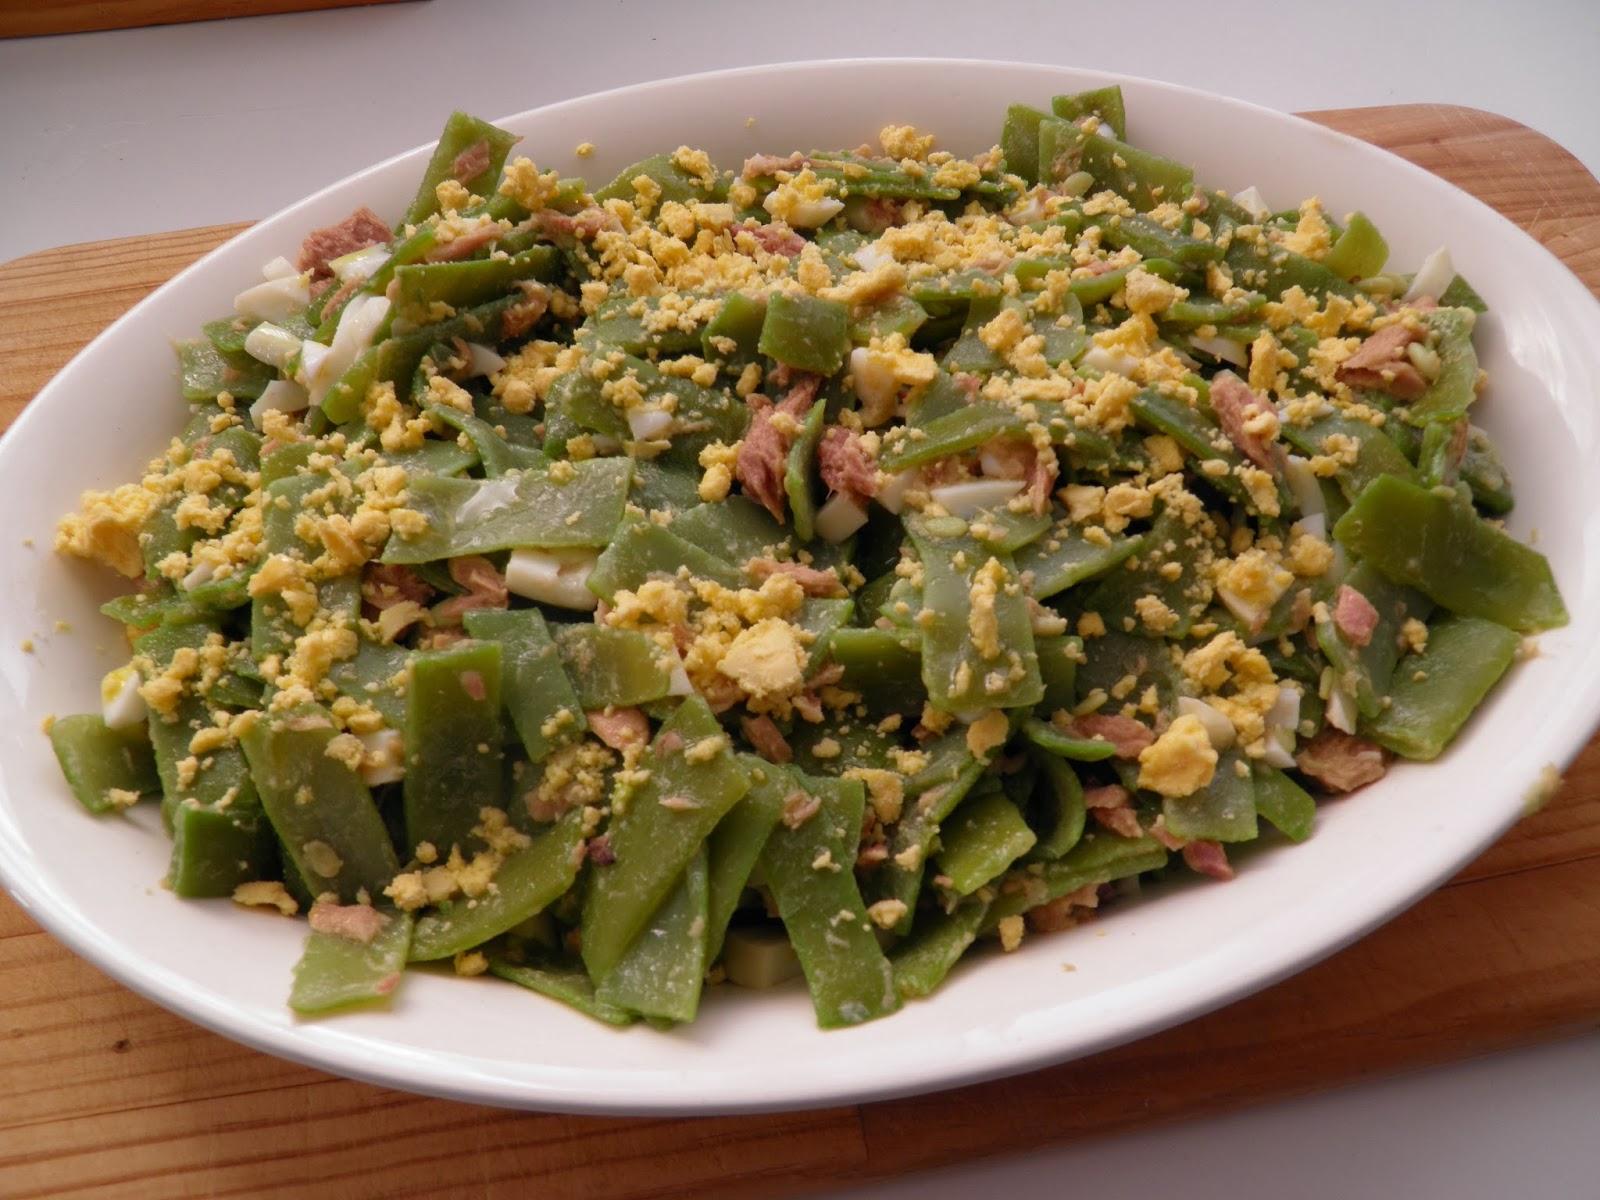 Las recetas de pepejo ensalada de jud as verdes con at n - Calorias de las judias verdes ...